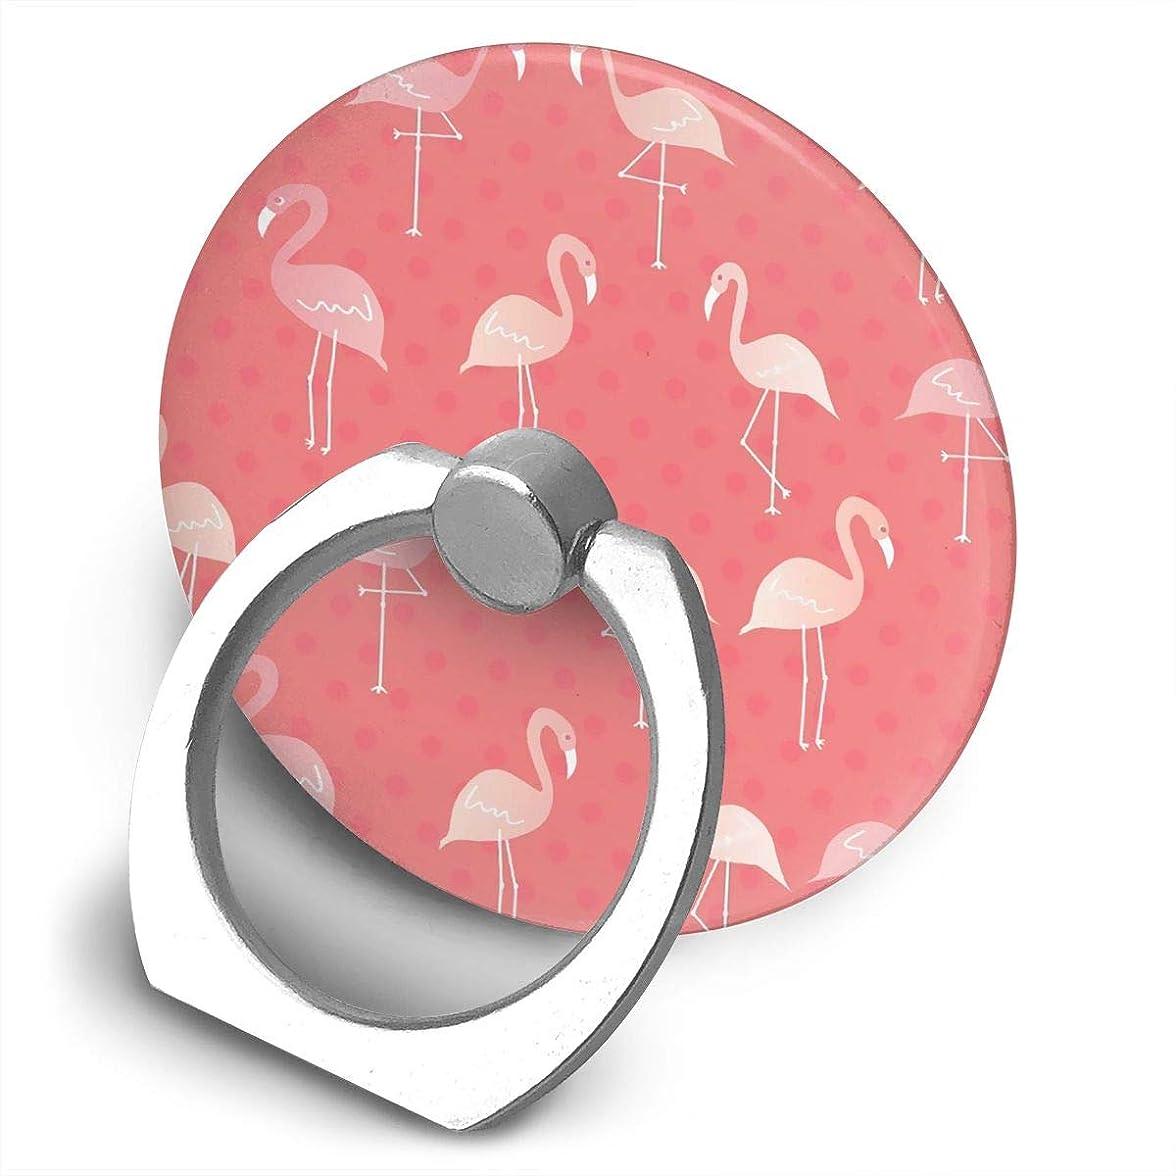 カップルご注意ロック解除フラミンゴ 360度回転 携帯リング スタンド スマホスタンド ホルダー 薄型 指輪 リング 携帯アクセサリースタンド機能 落下防止